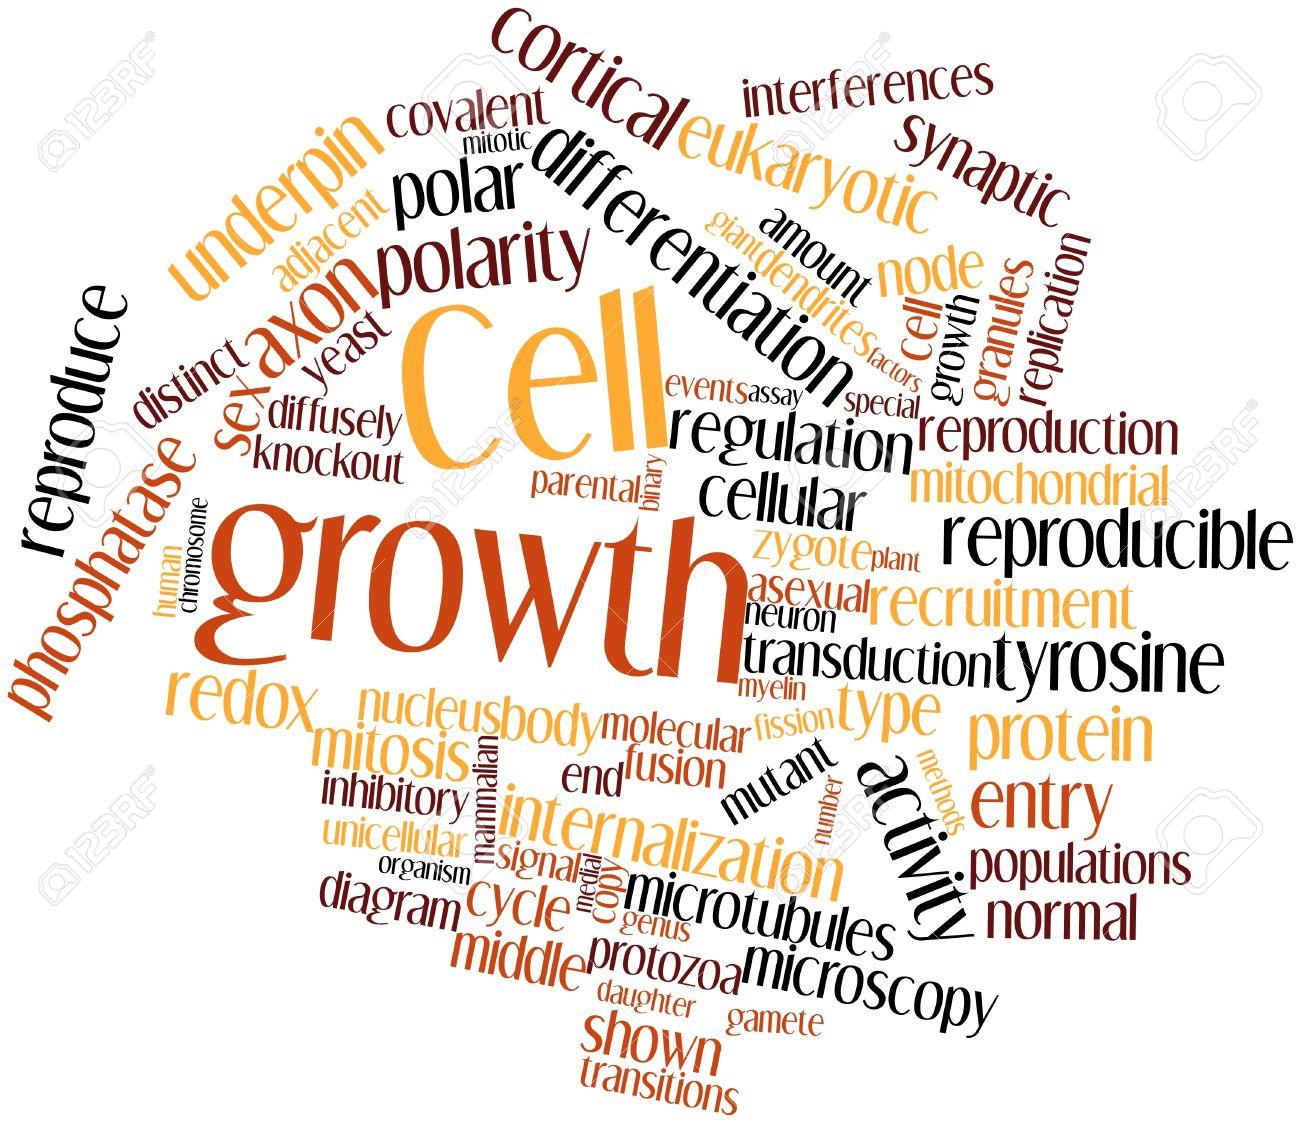 Nube Palabra Abstracta Para El Crecimiento Celular Con Etiquetas Y ...